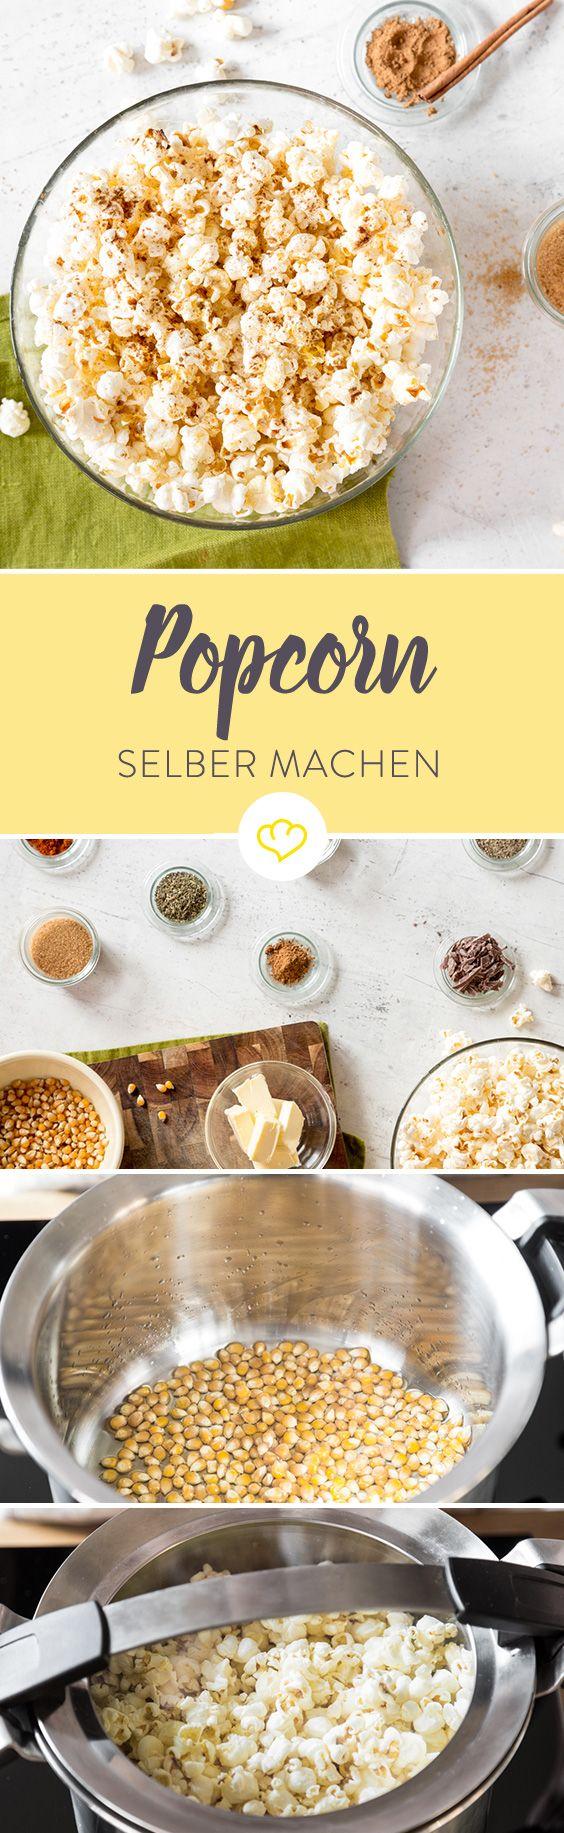 Selbstgemachtes Popcorn wie im Kino? Oder wild verfeinert mit Chili, Zimt und Schokolade? Klar geht das und ist dazu noch kinderleicht.